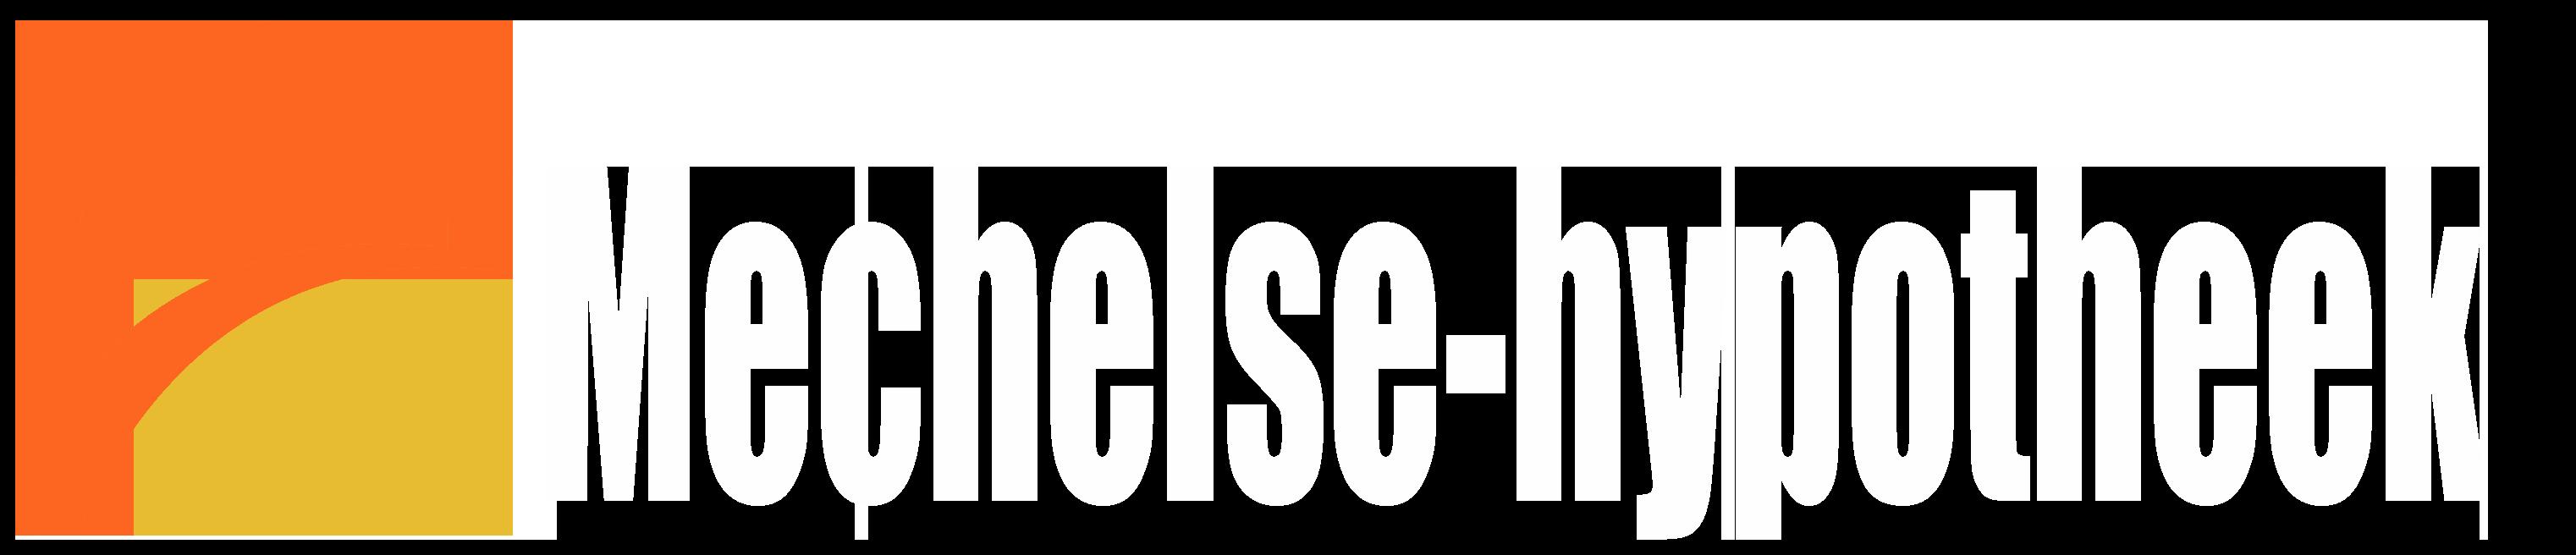 Mechelse hypotheek